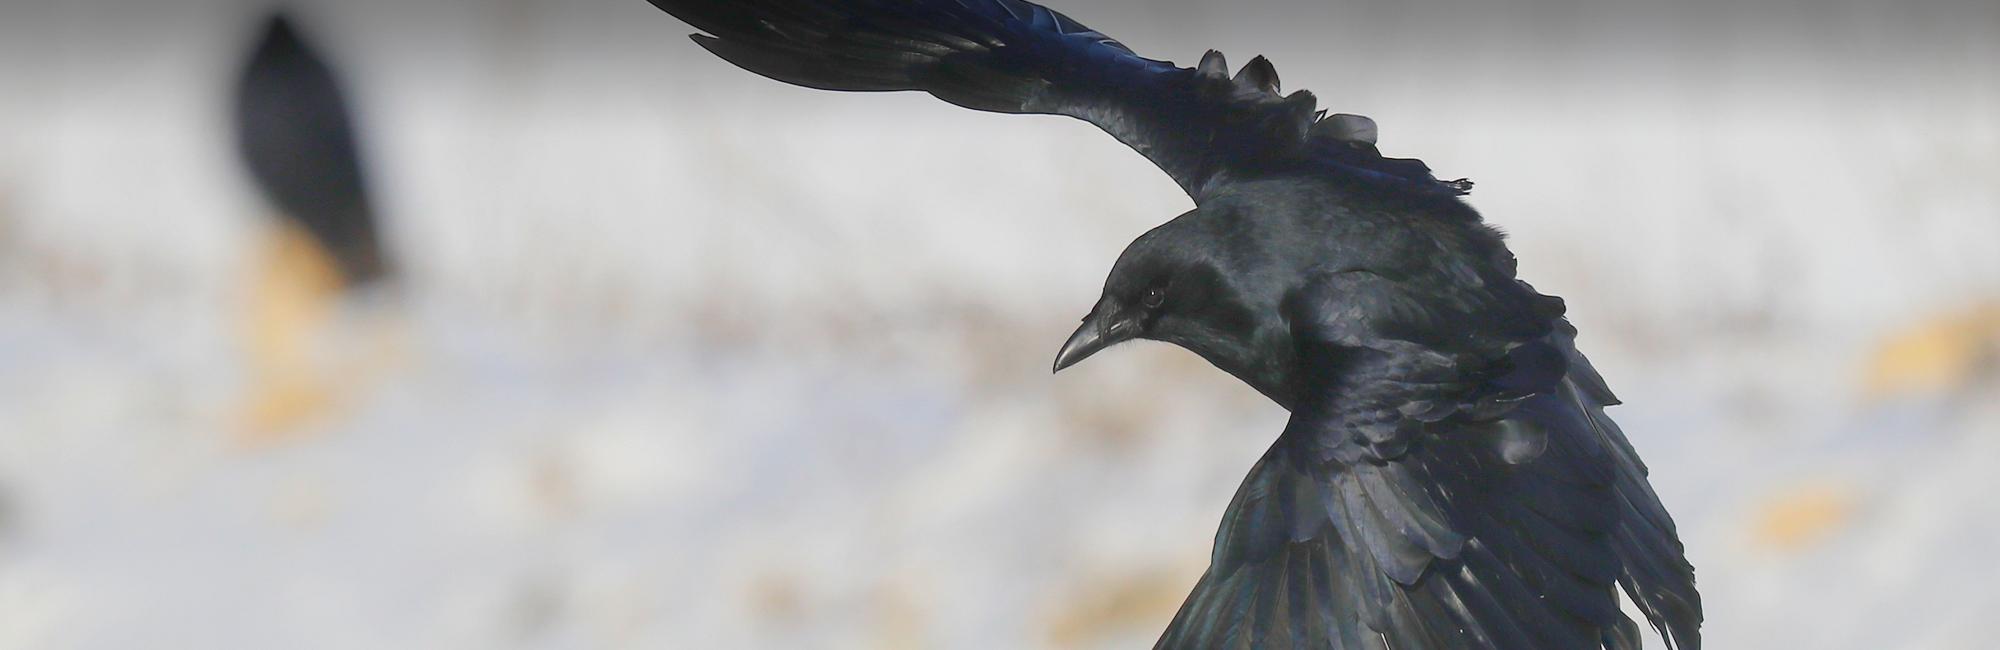 2019 Crow Photo Contest